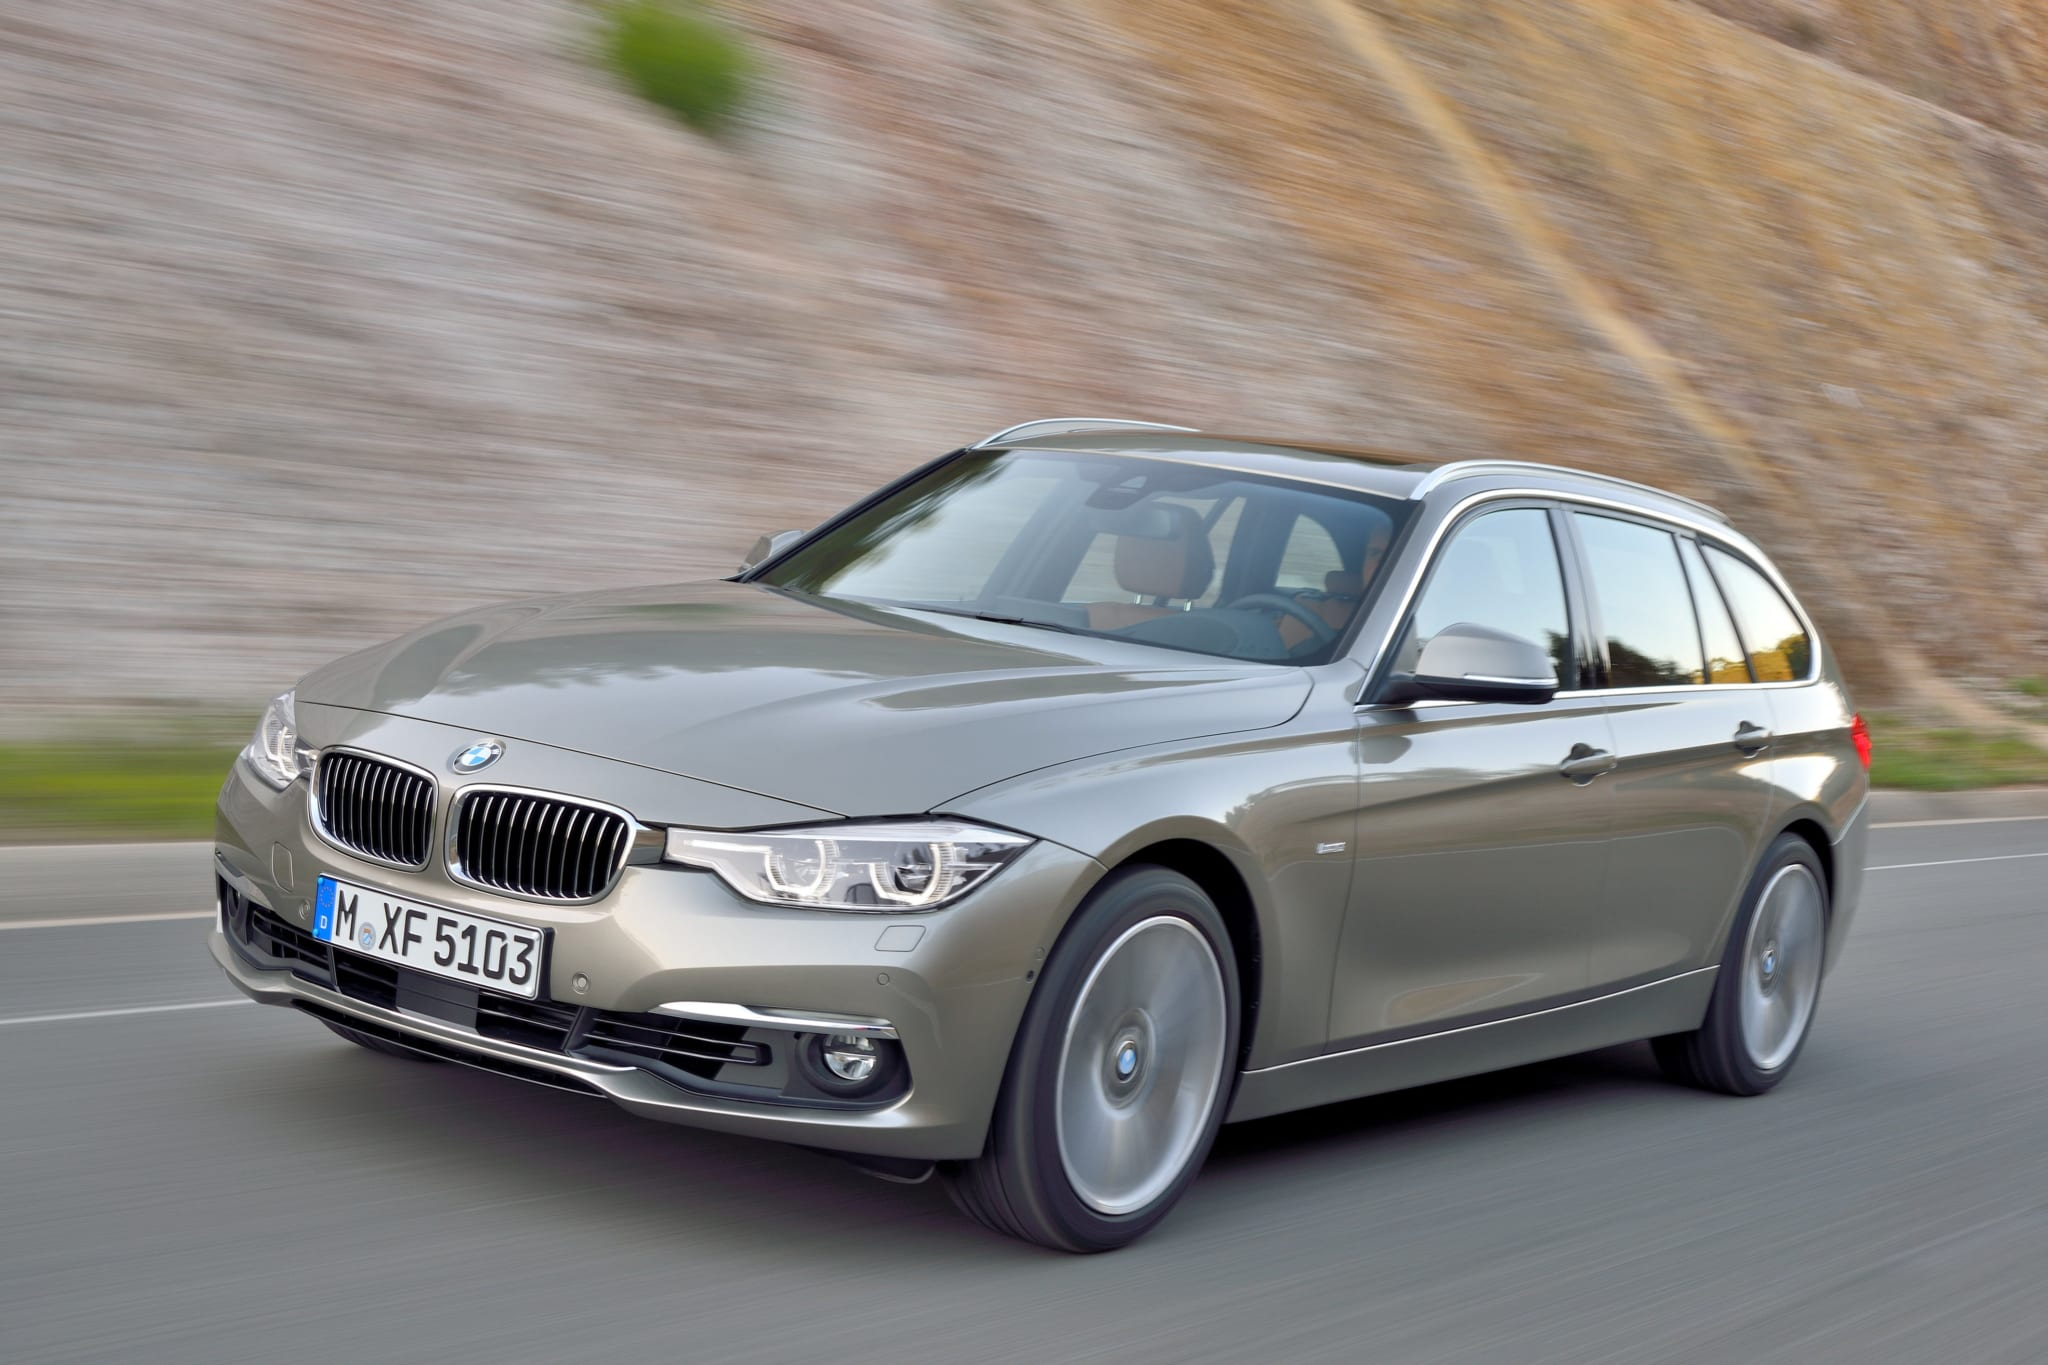 中古車人気ランキング 2019 BMW 3シリーズツーリング